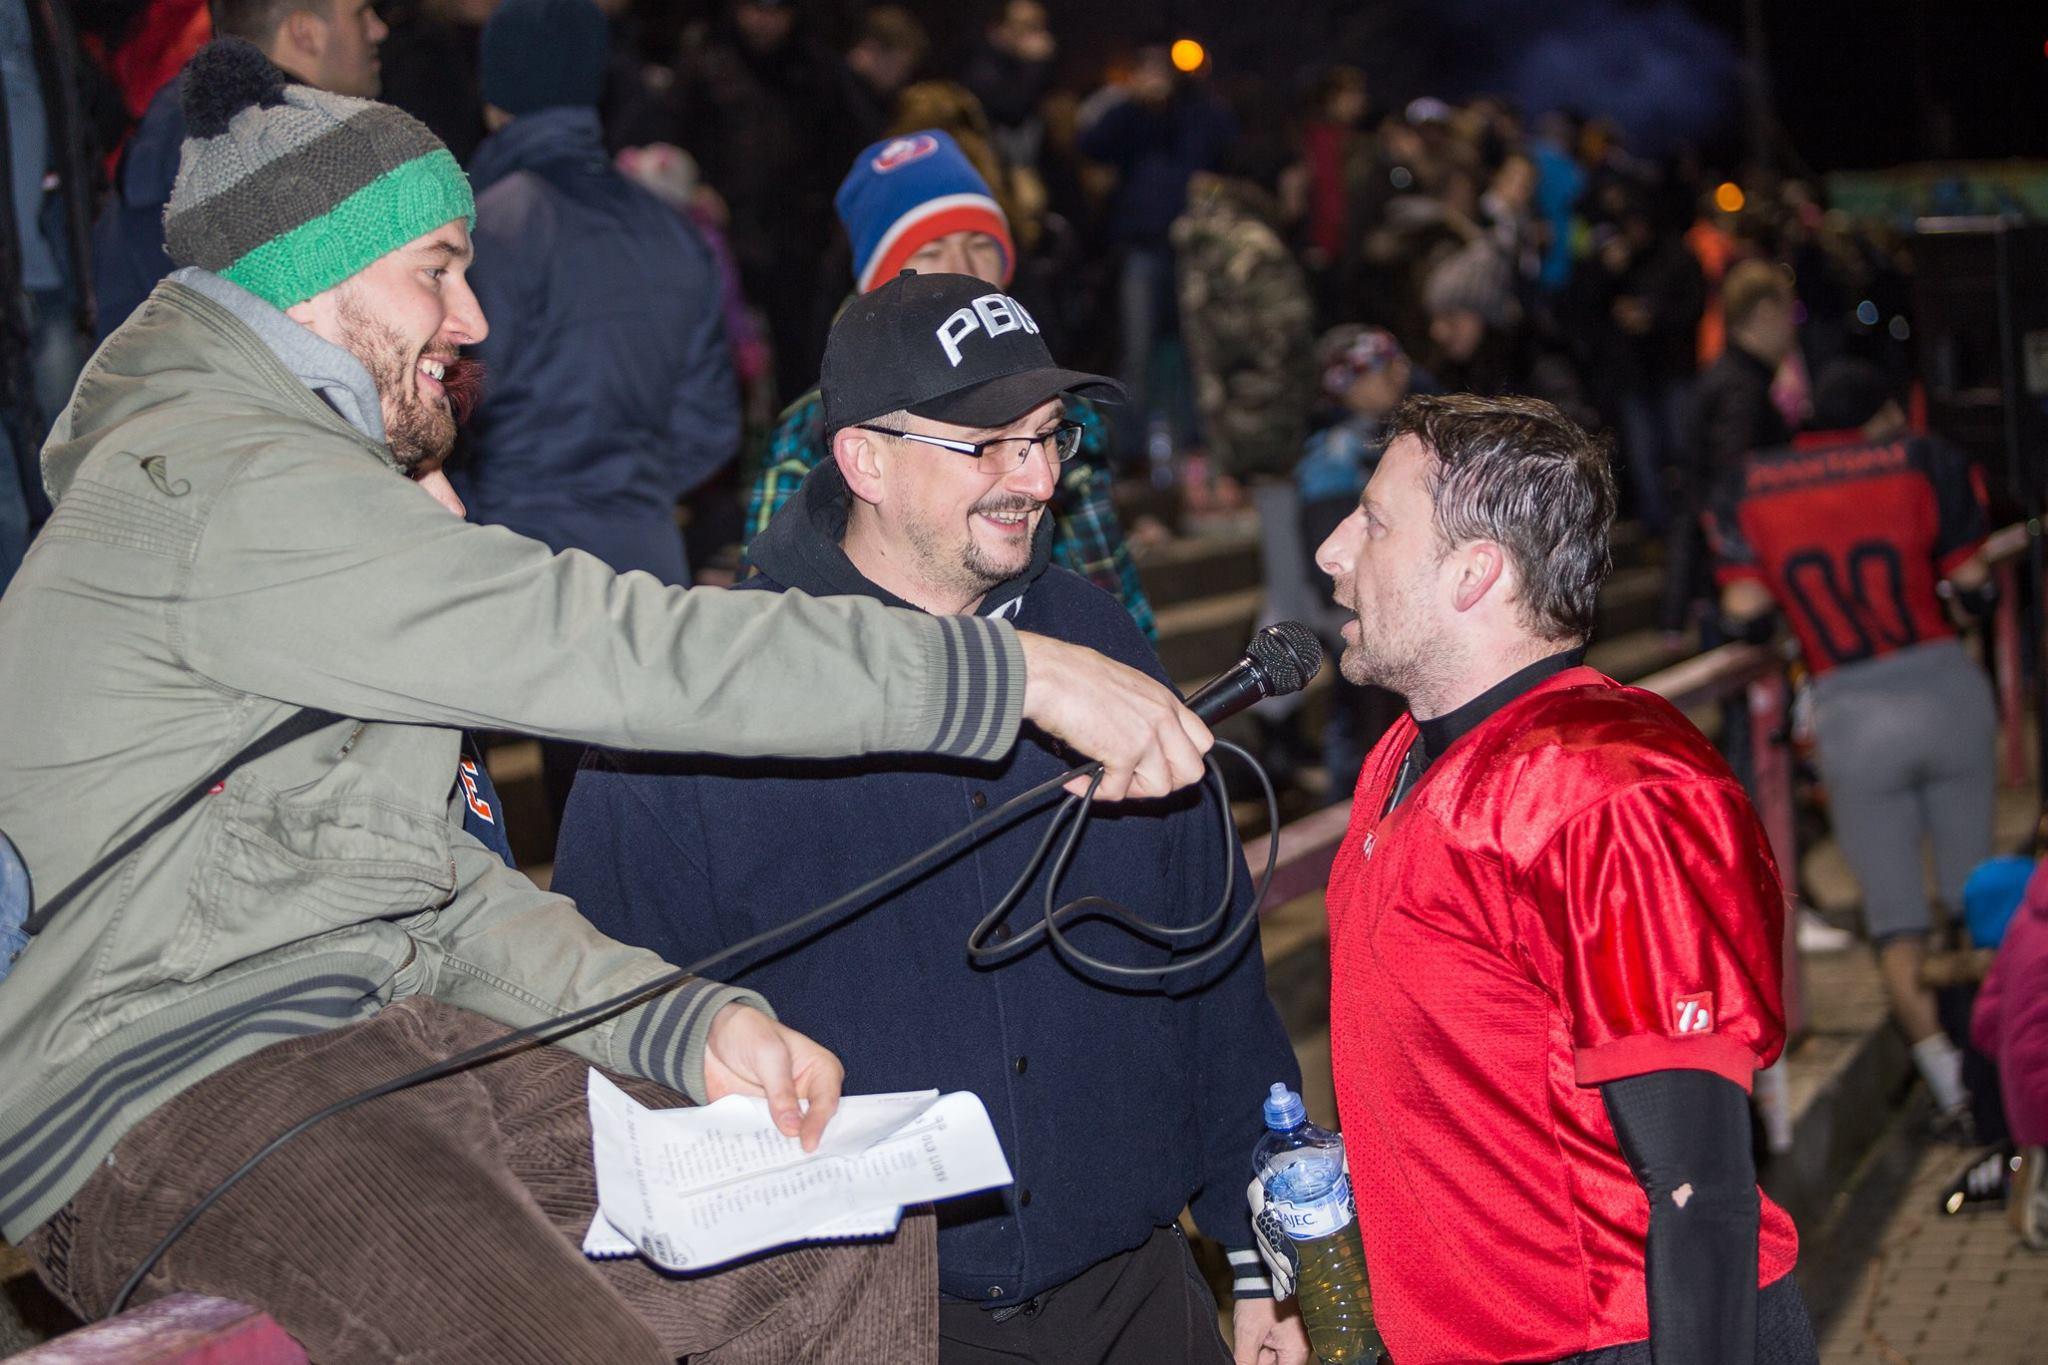 Komentátoři Jan Dundáček (vlevo) a Tomáš Křížek zpovídají o poločase Standu Jantoše.Foto: Lukáš Machala